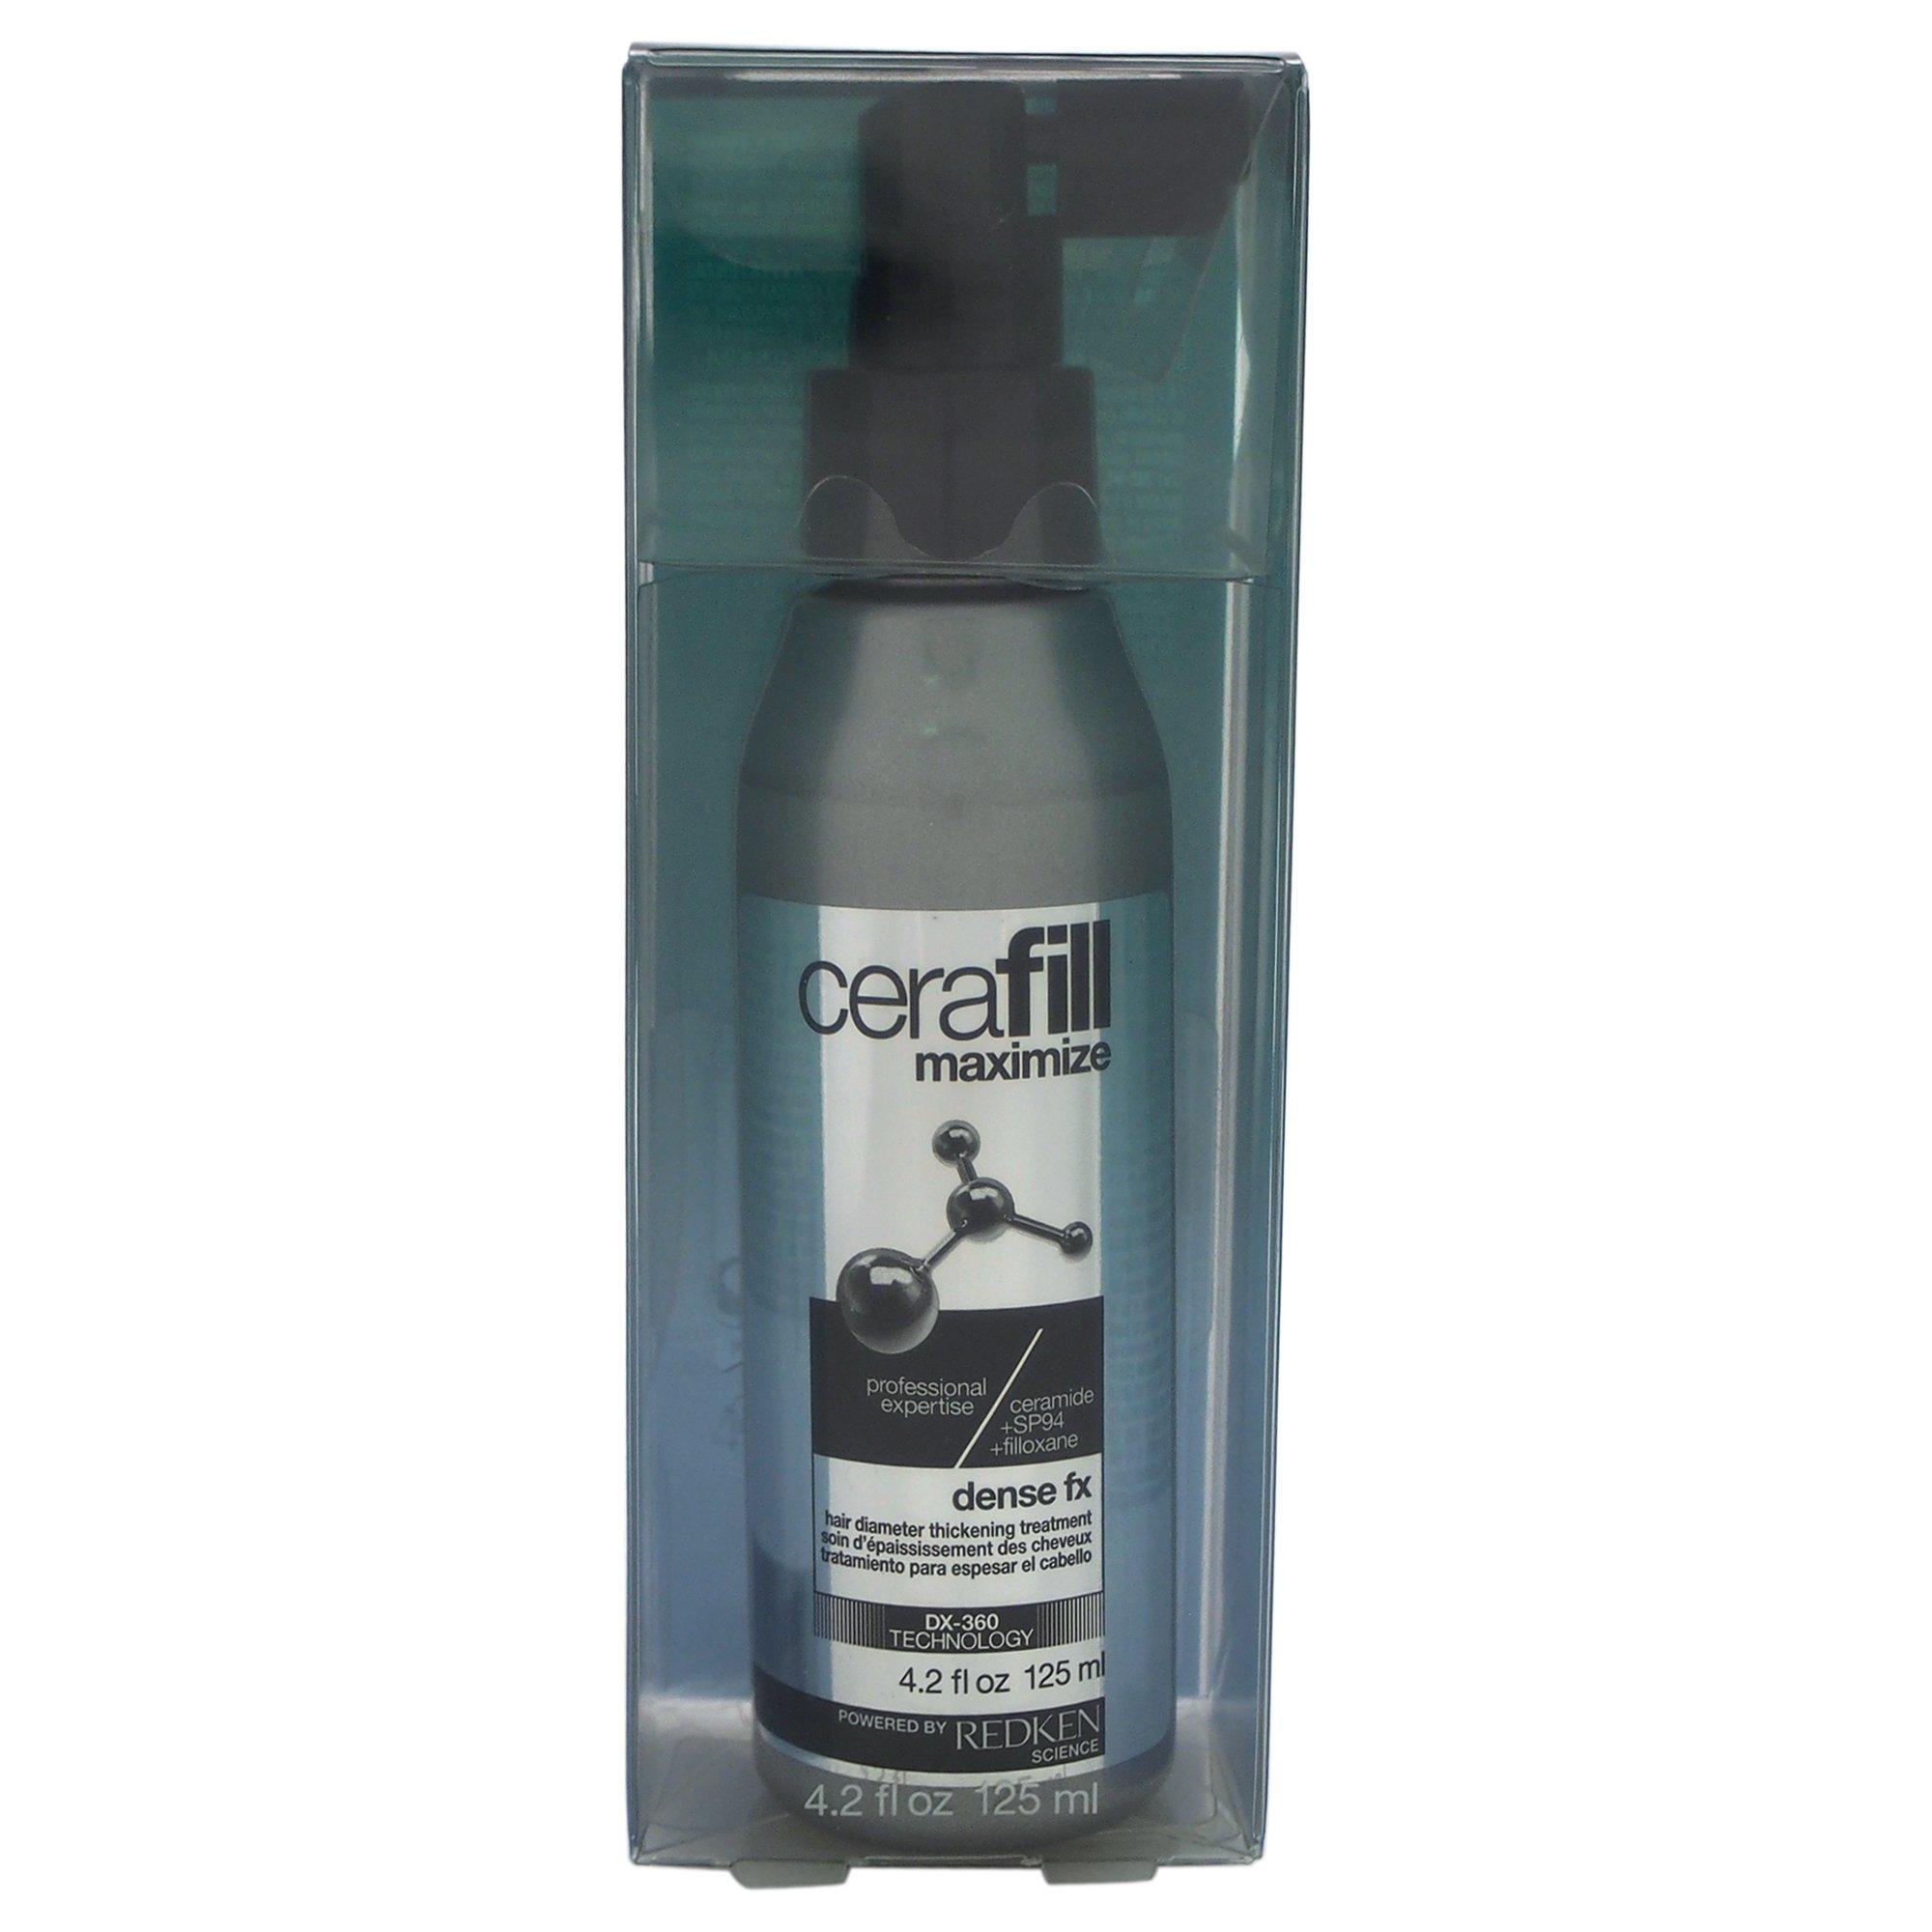 Redken Cerafill Dense FX Hair Diameter Thickening Treatment for Unisex, 4.2 Ounce